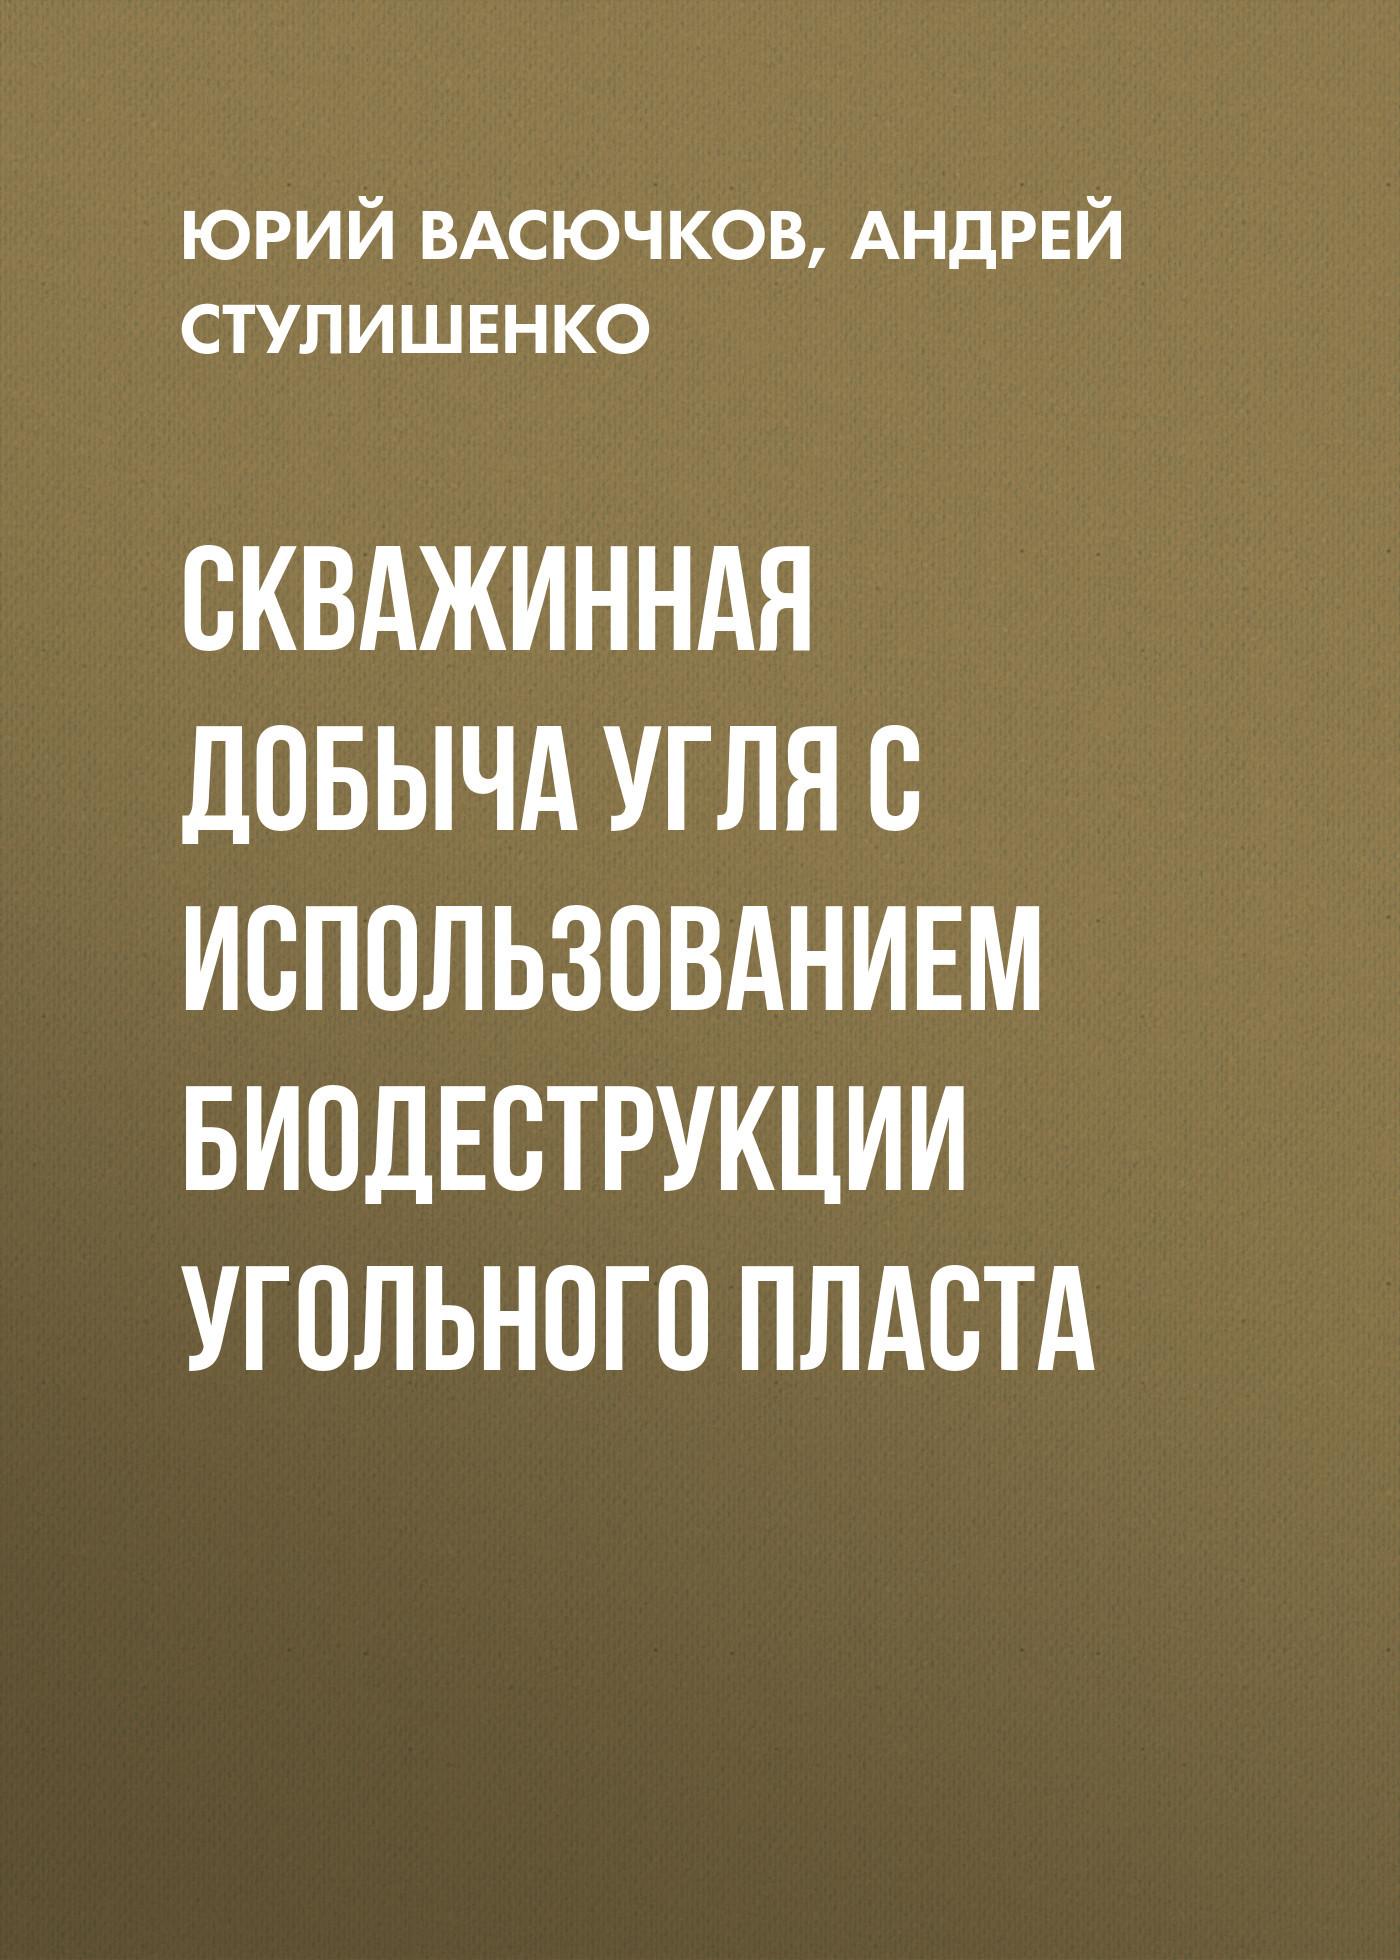 Андрей Стулишенко. Скважинная добыча угля с использованием биодеструкции угольного пласта